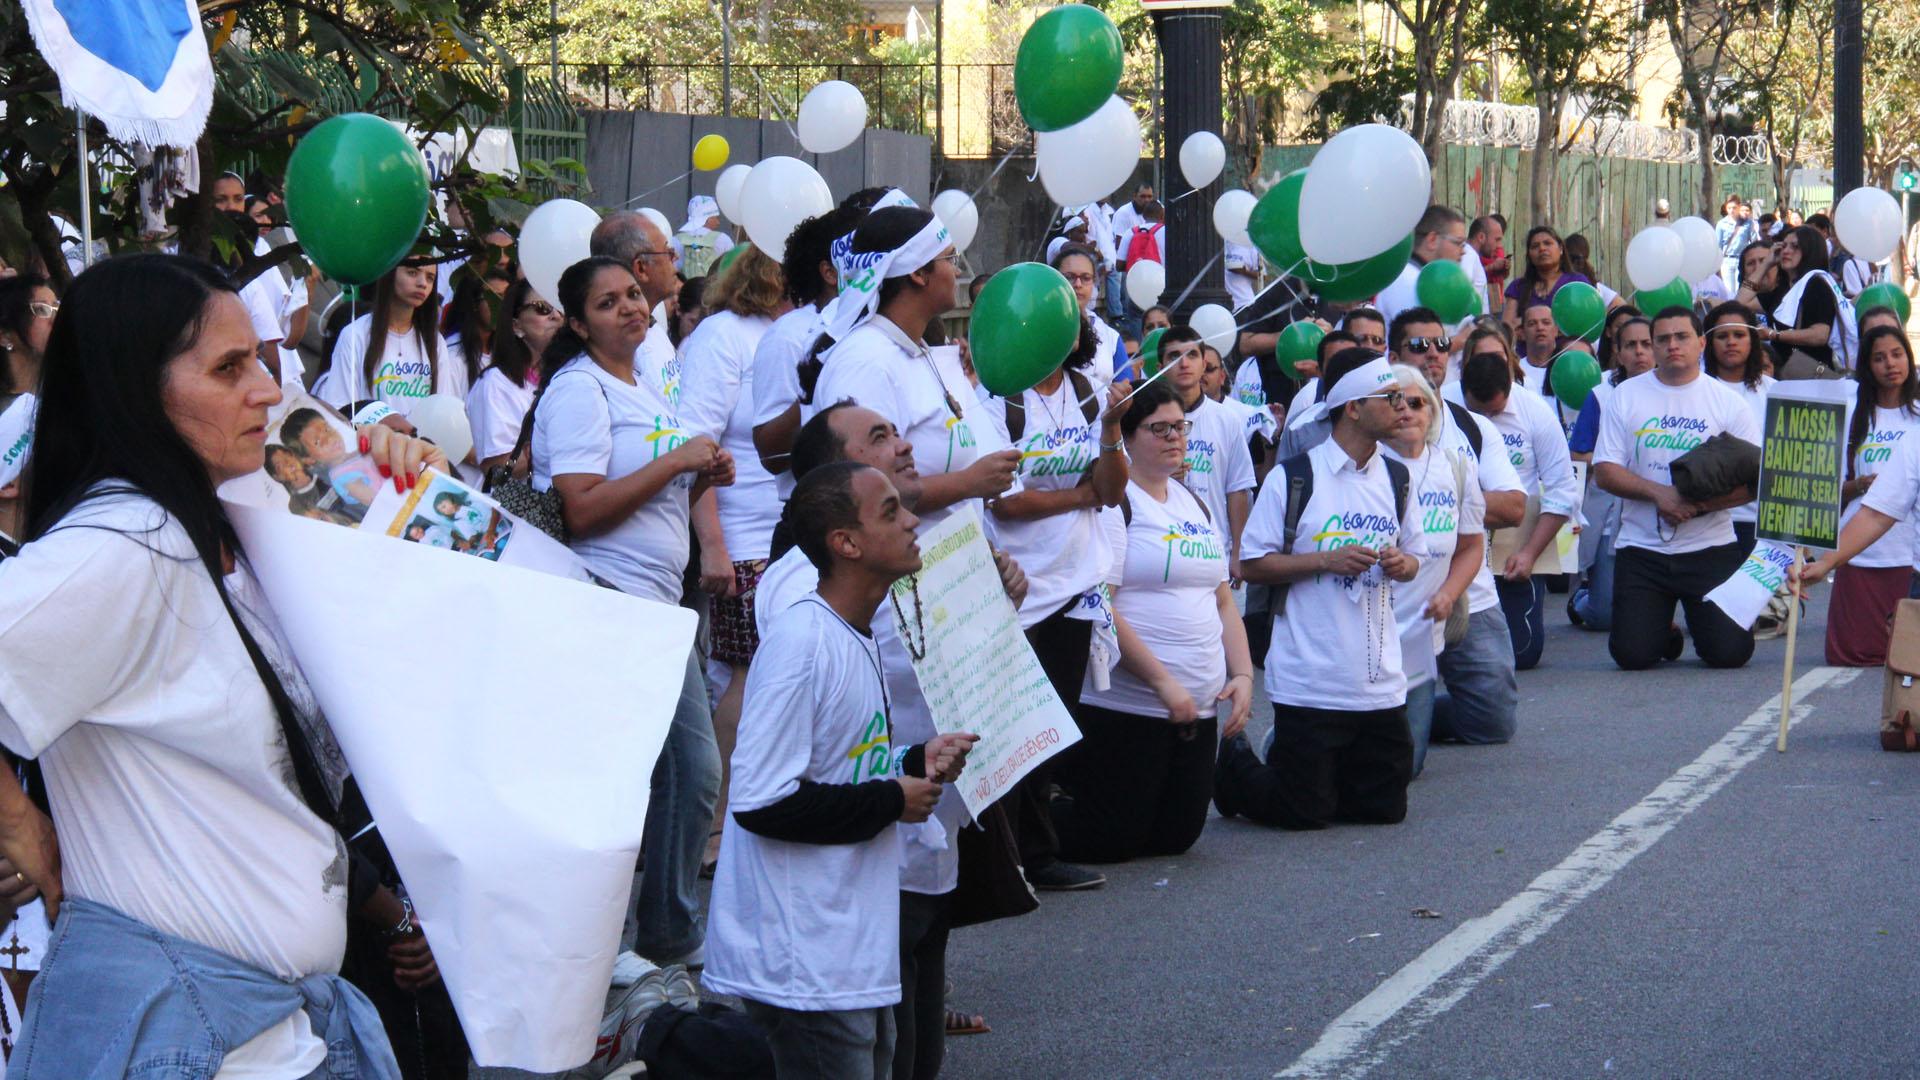 Manifestantes de branco protestam ajoelhados em frente à Câmara Municipal contra inclusão de 'gênero' em Plano Municipal de Educação